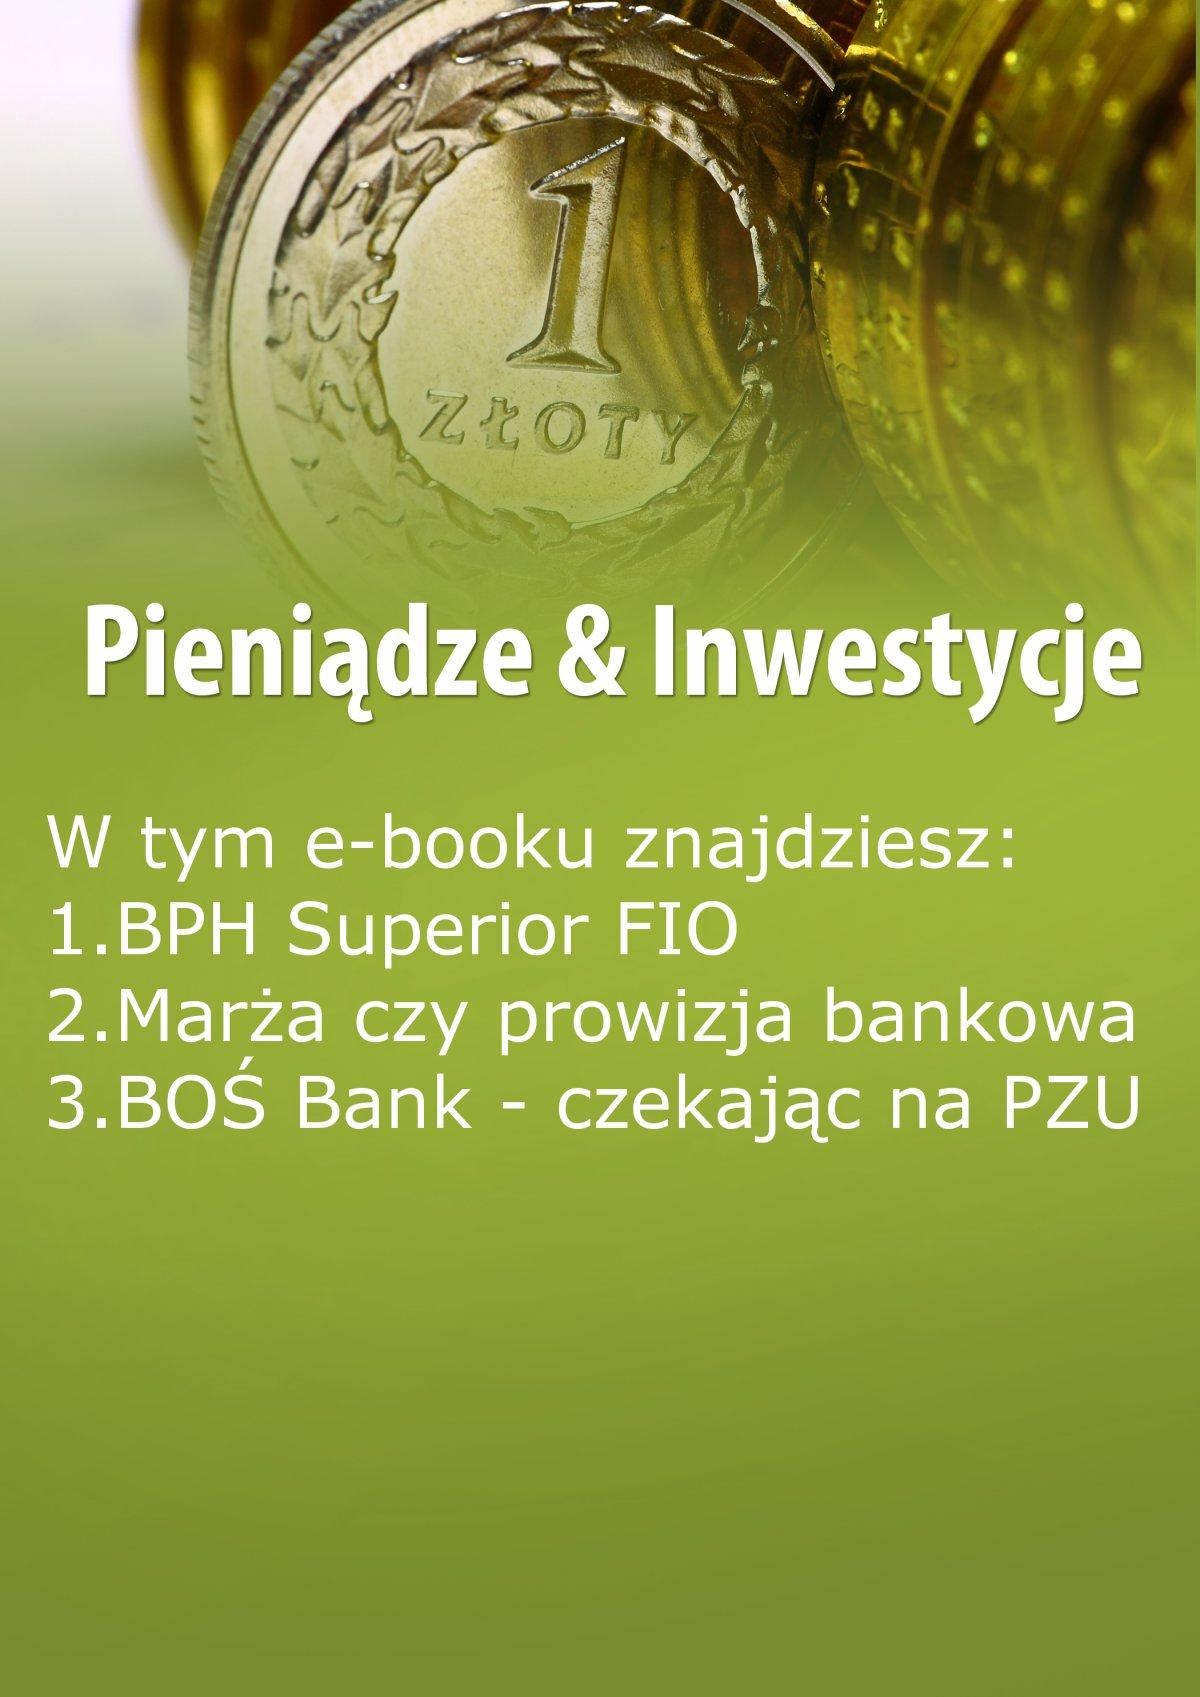 Pieniądze & Inwestycje, wydanie sierpień-wrzesień 2015 r. - Ebook (Książka EPUB) do pobrania w formacie EPUB